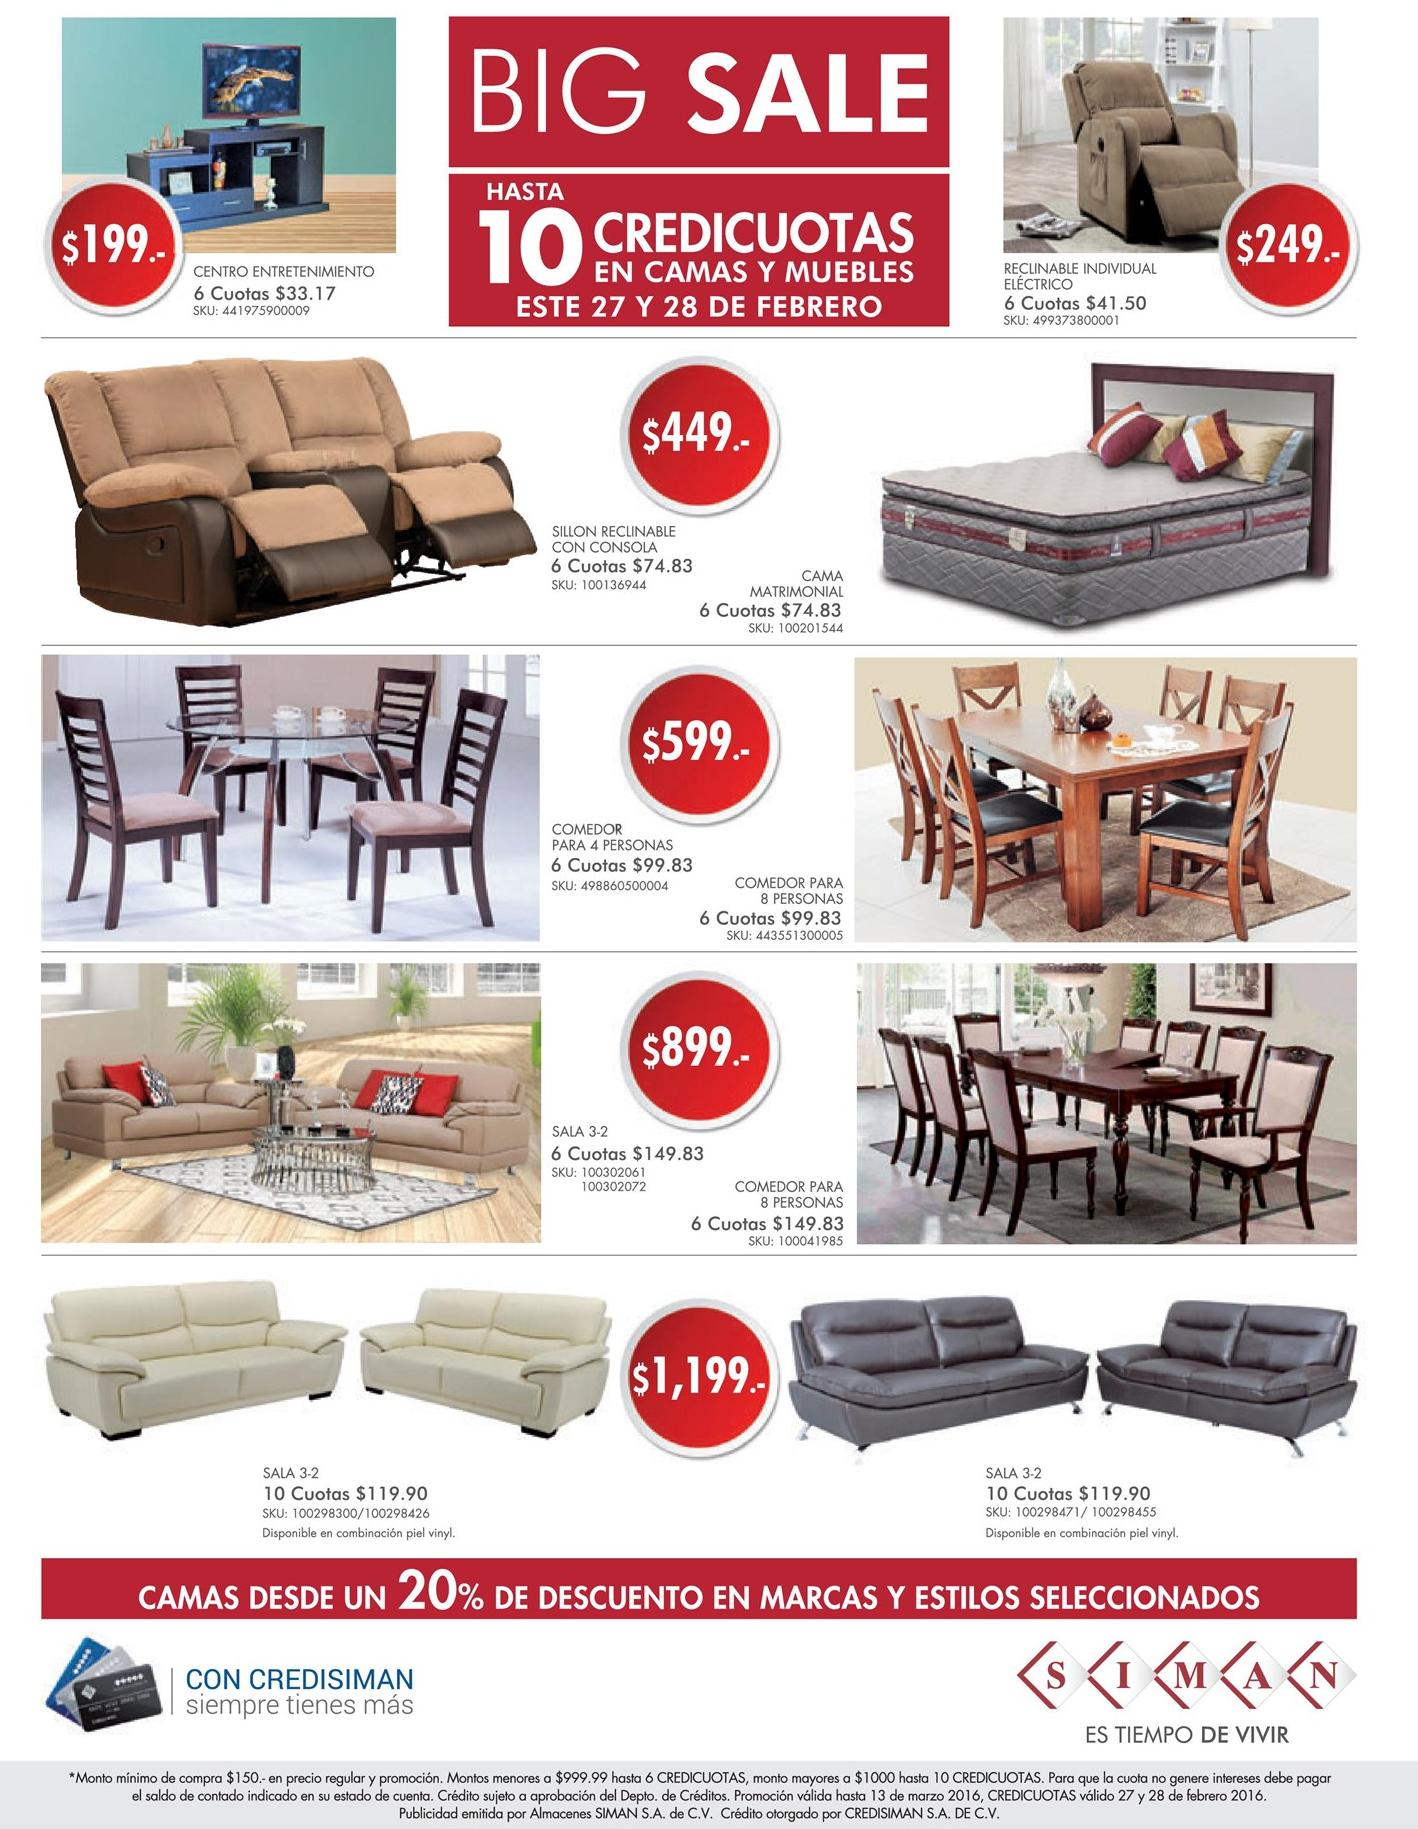 Big sales de muebles salas comedores en siman febrero 2016 for Ofertas de comedores